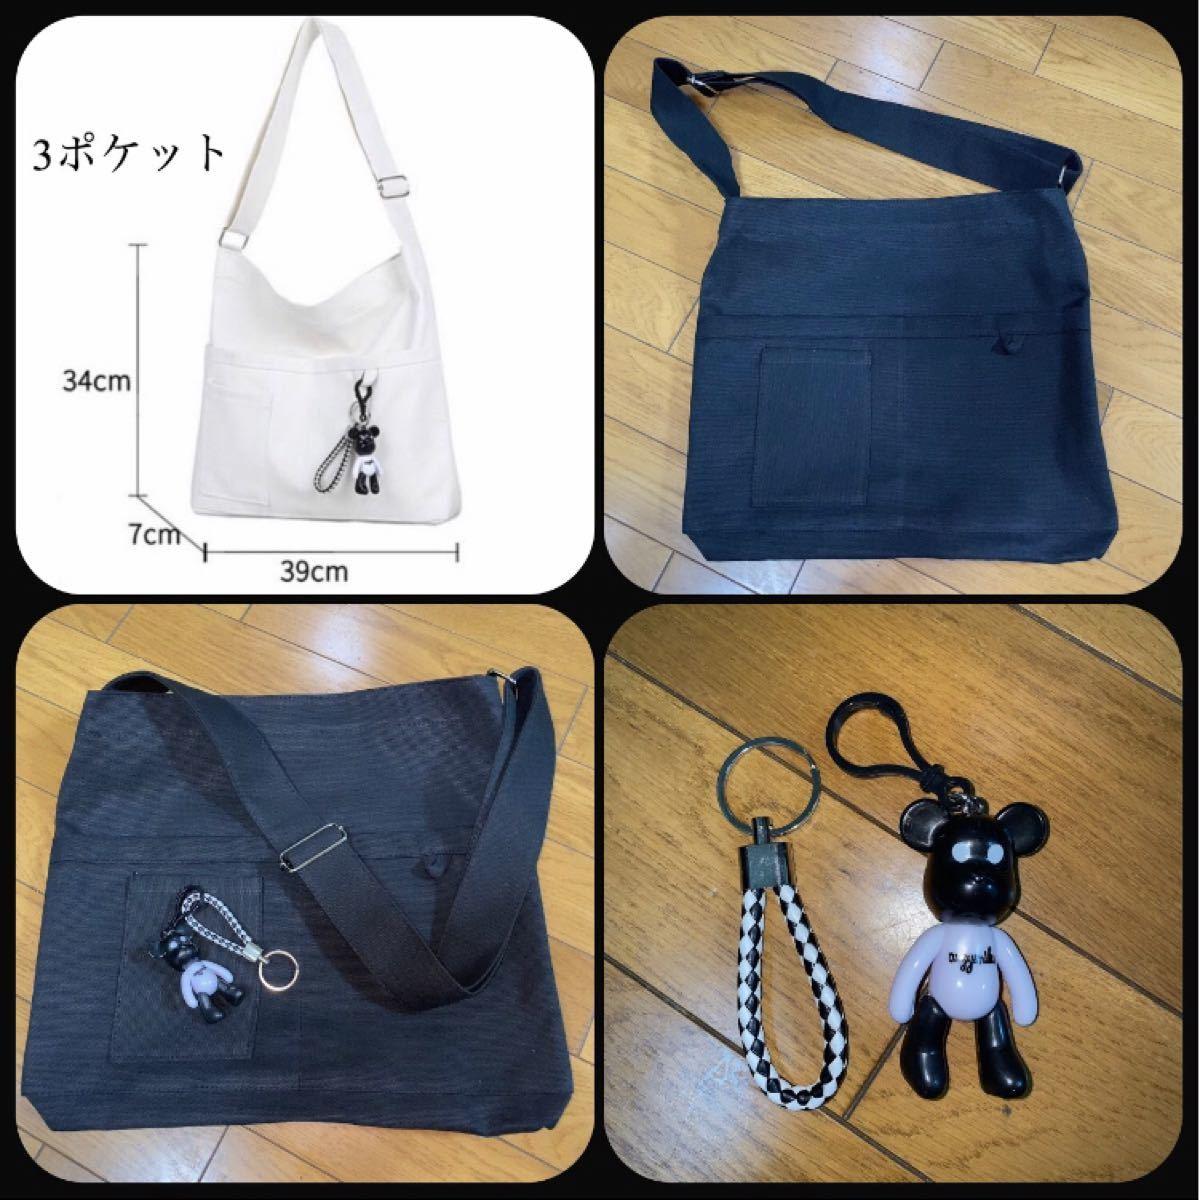 ショルダーバッグ トートバッグ レディース メンズ  2way 大容量 キャンバスバッグ ブラック 韓国ファッション 新品未使用